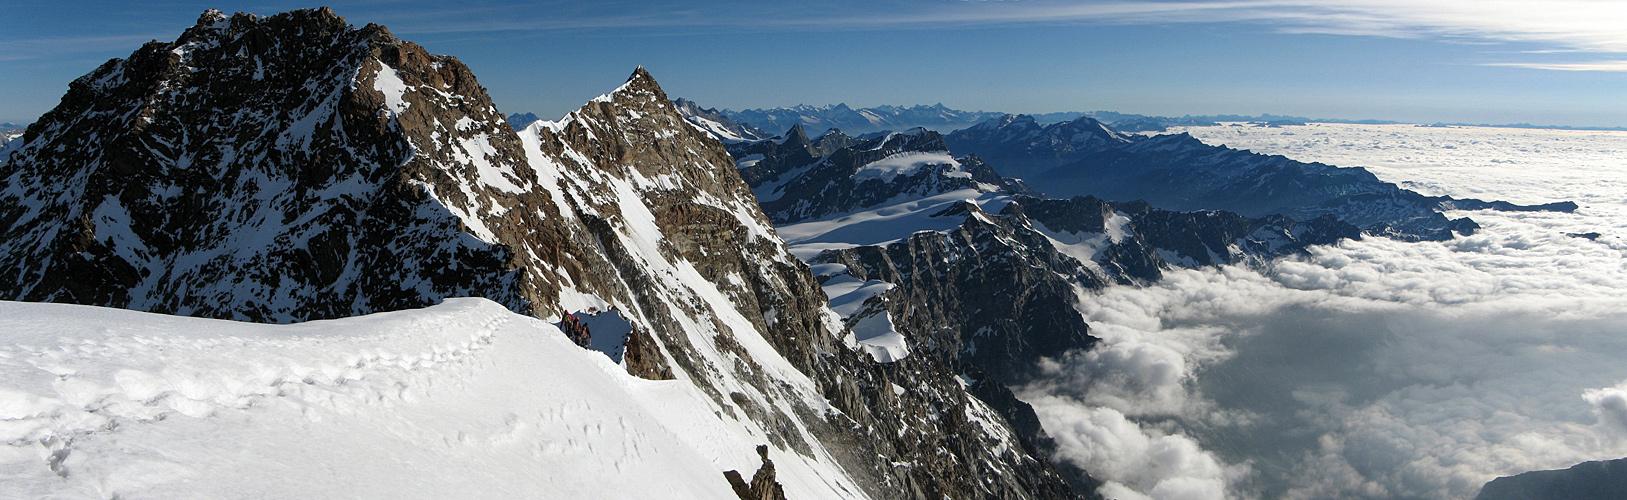 Dufourspitze und Nordend